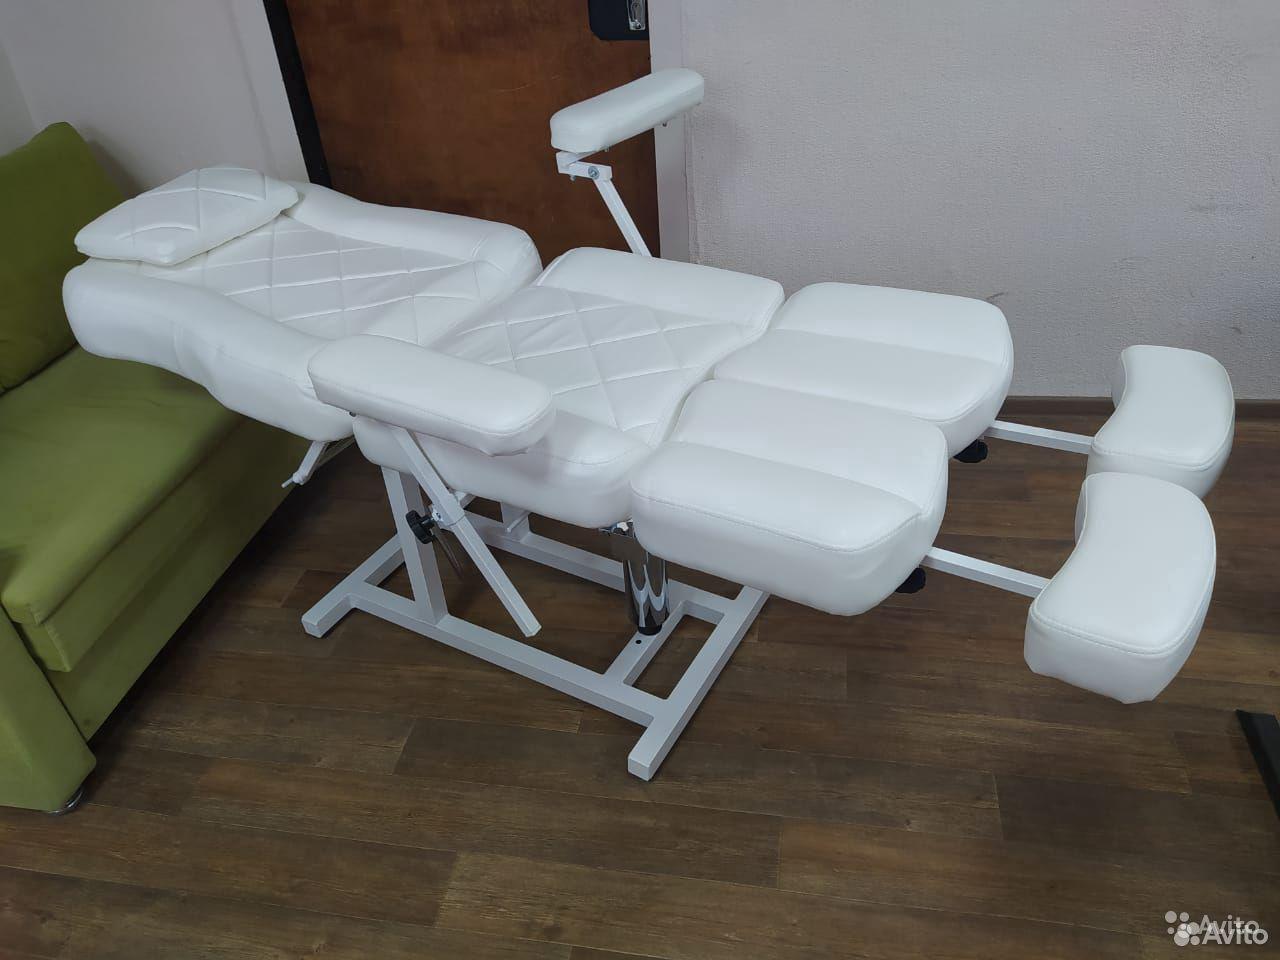 Педикюрное кресло на гидравлике  89655521227 купить 2